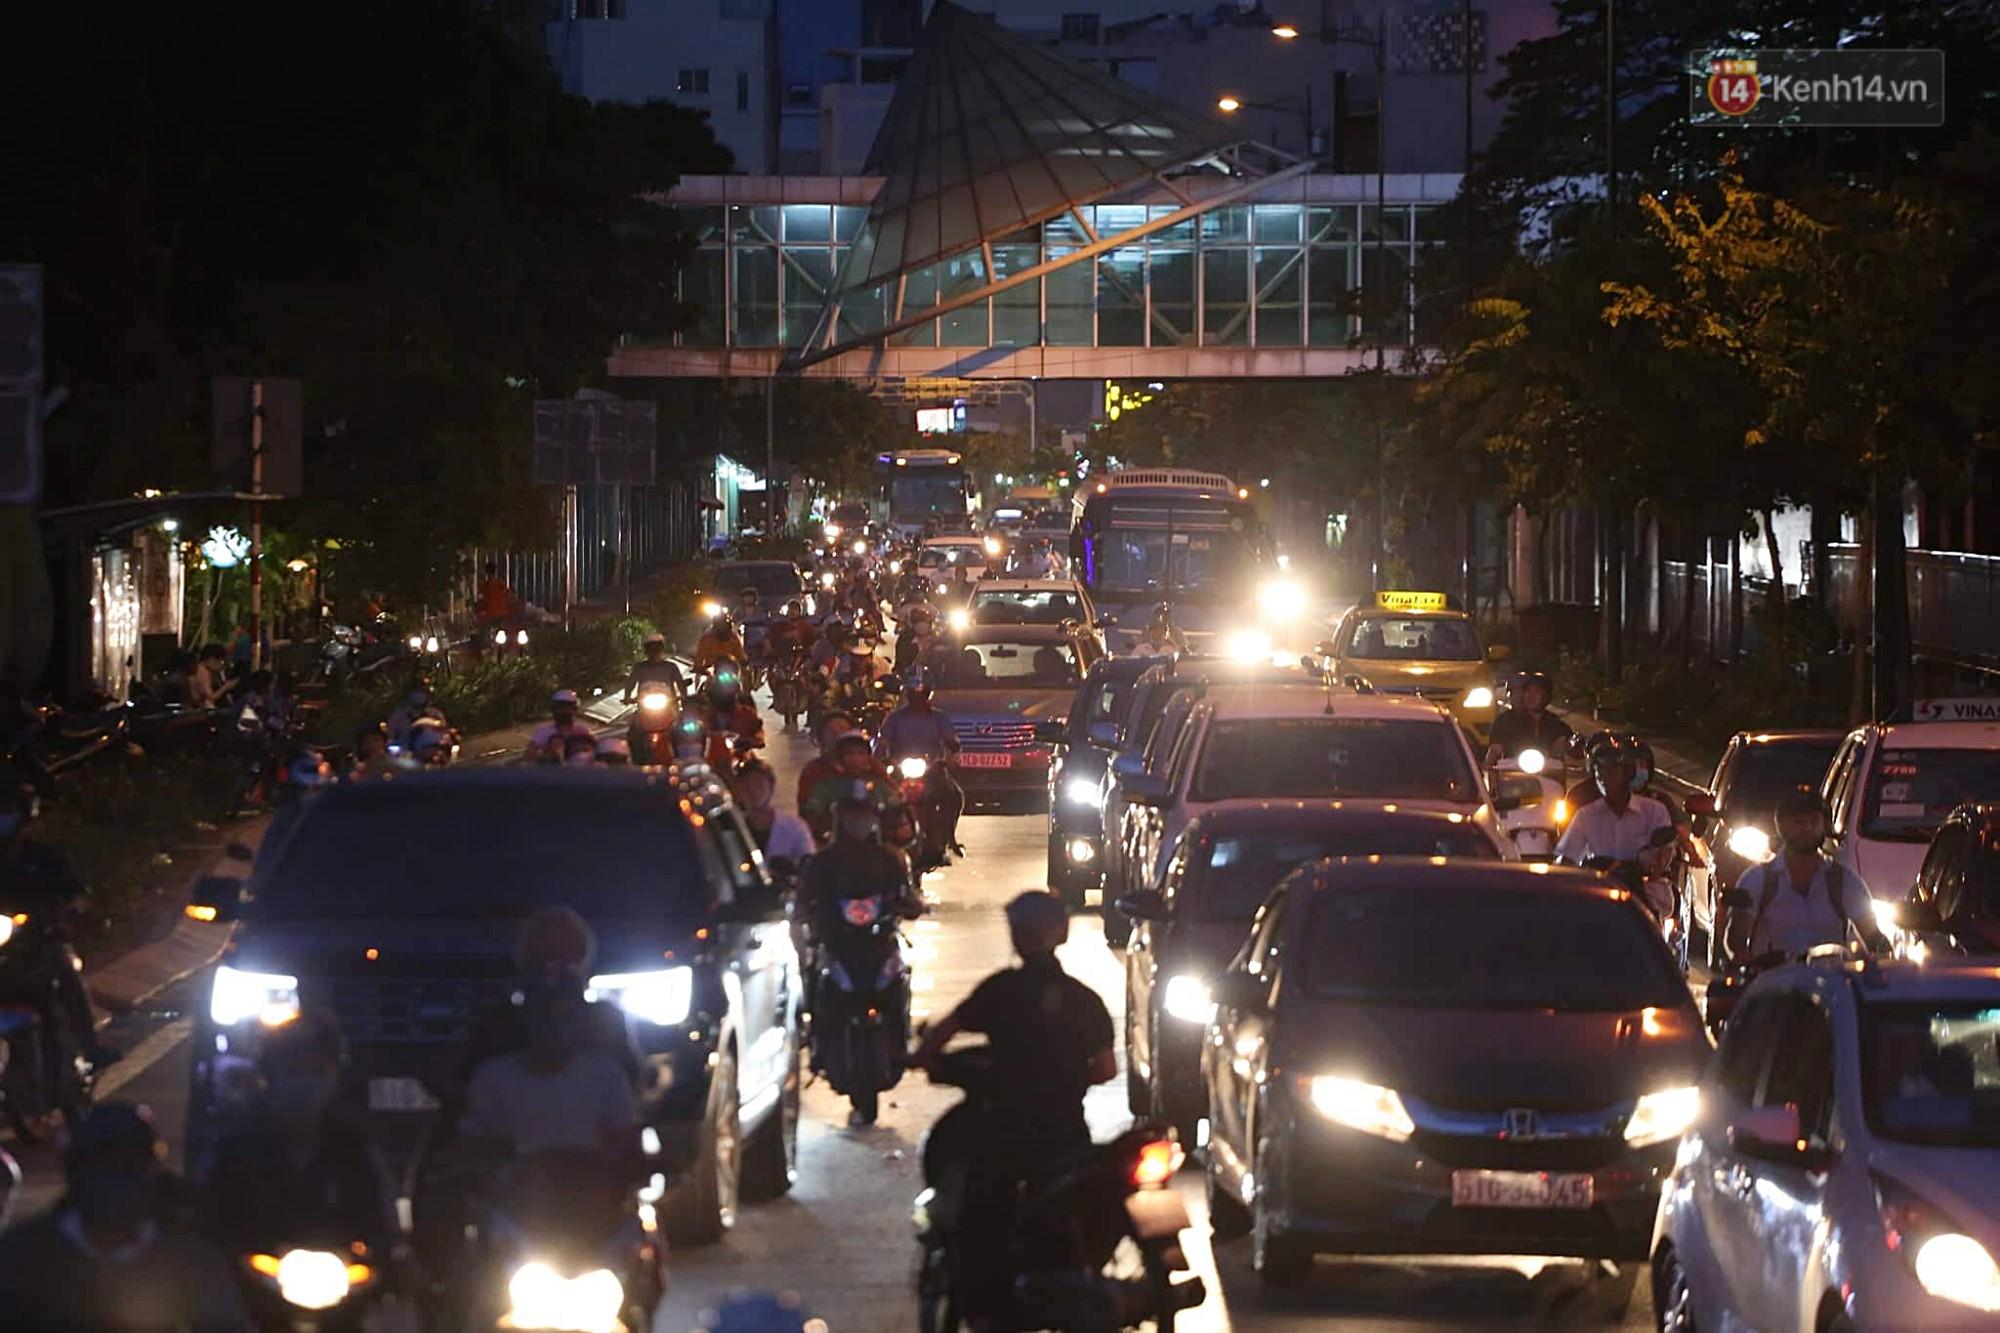 Chùm ảnh khó thở trước kỳ nghỉ lễ: Sân bay Tân Sơn Nhất ùn tắc từ ngoài vào trong - Ảnh 9.